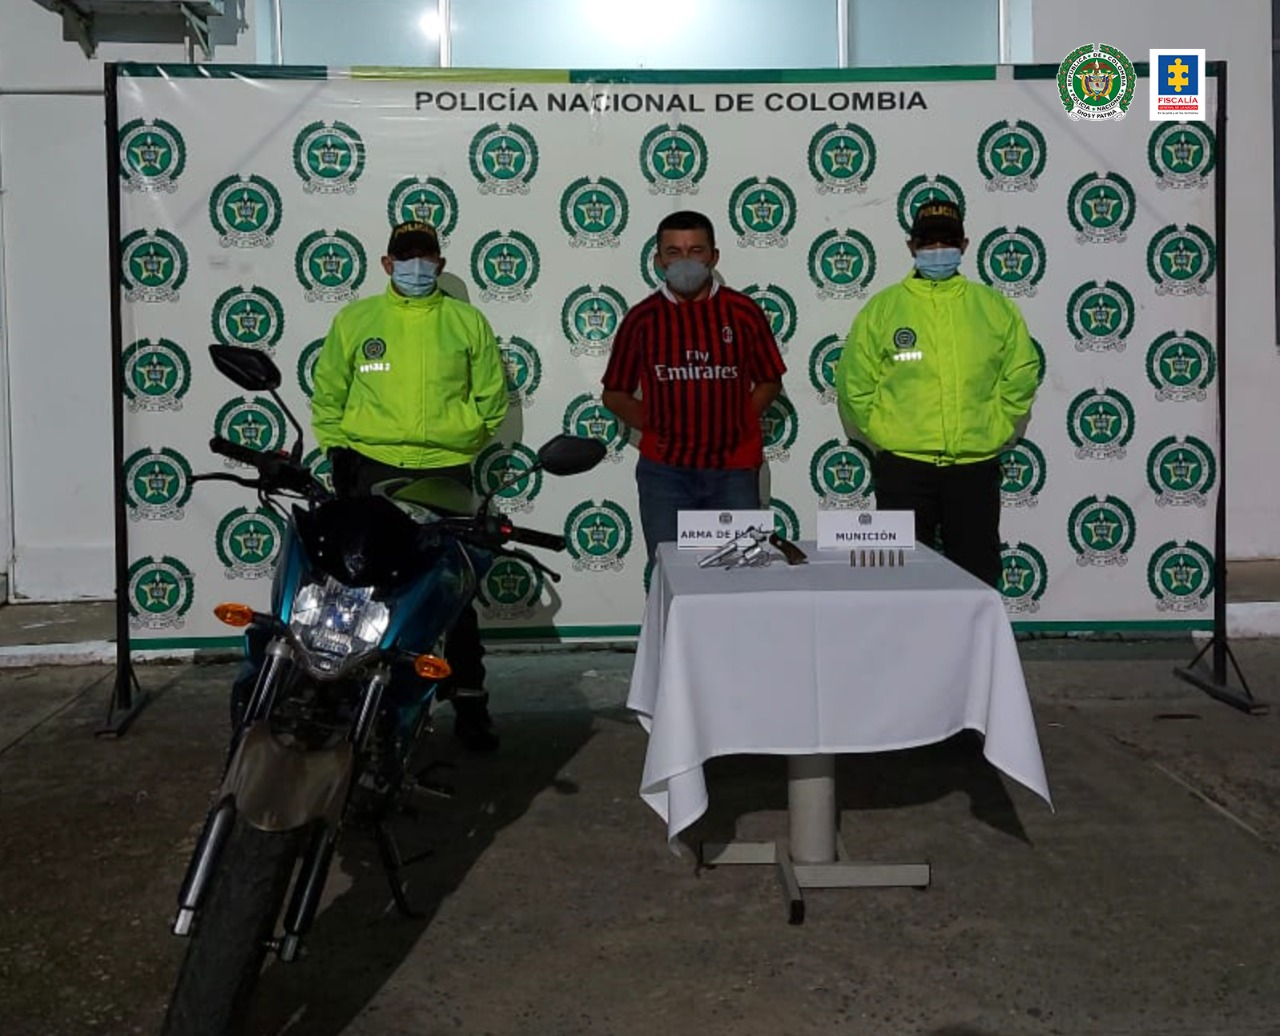 Cárcel para presunto responsable del homicidio de un menor en Casanare - Noticias de Colombia